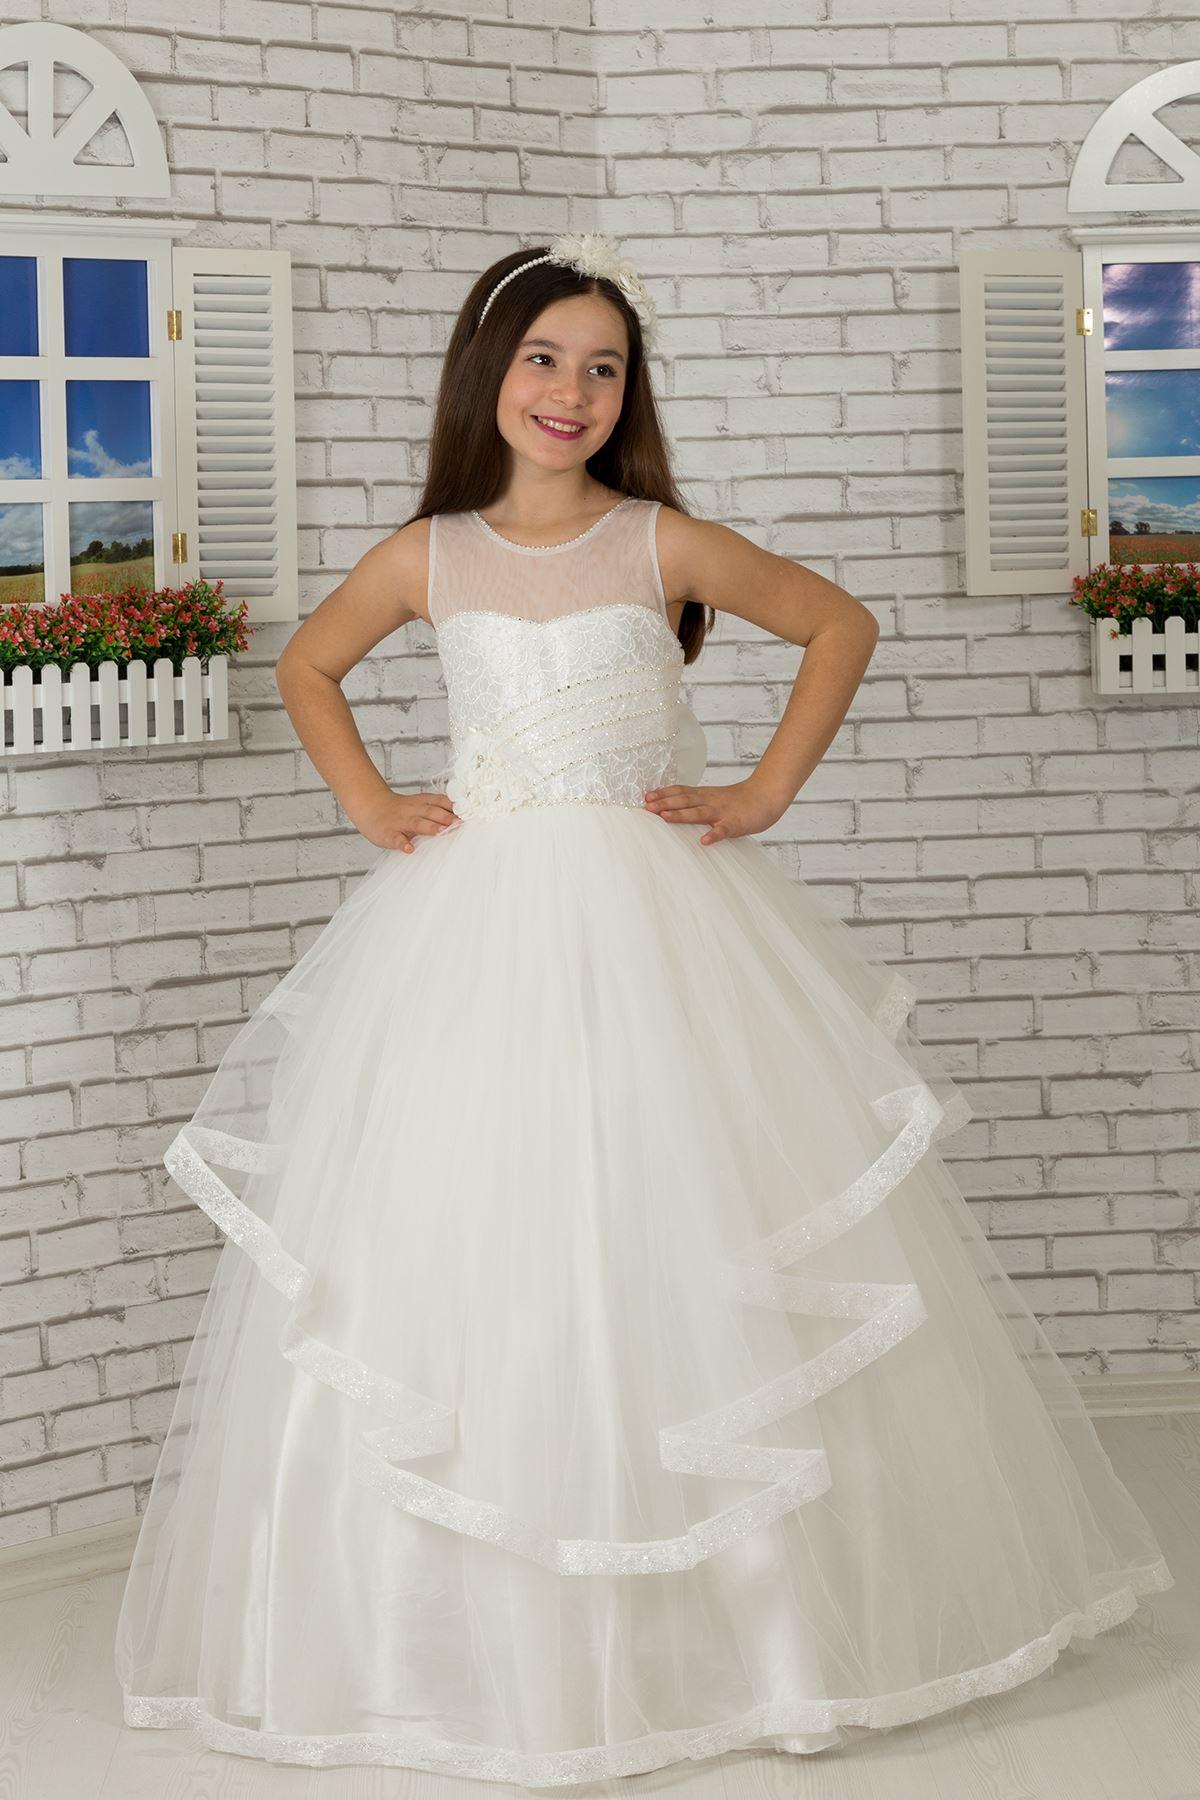 Body Detail, Tulle Fluffy Girl Evening Dress 602 Cream